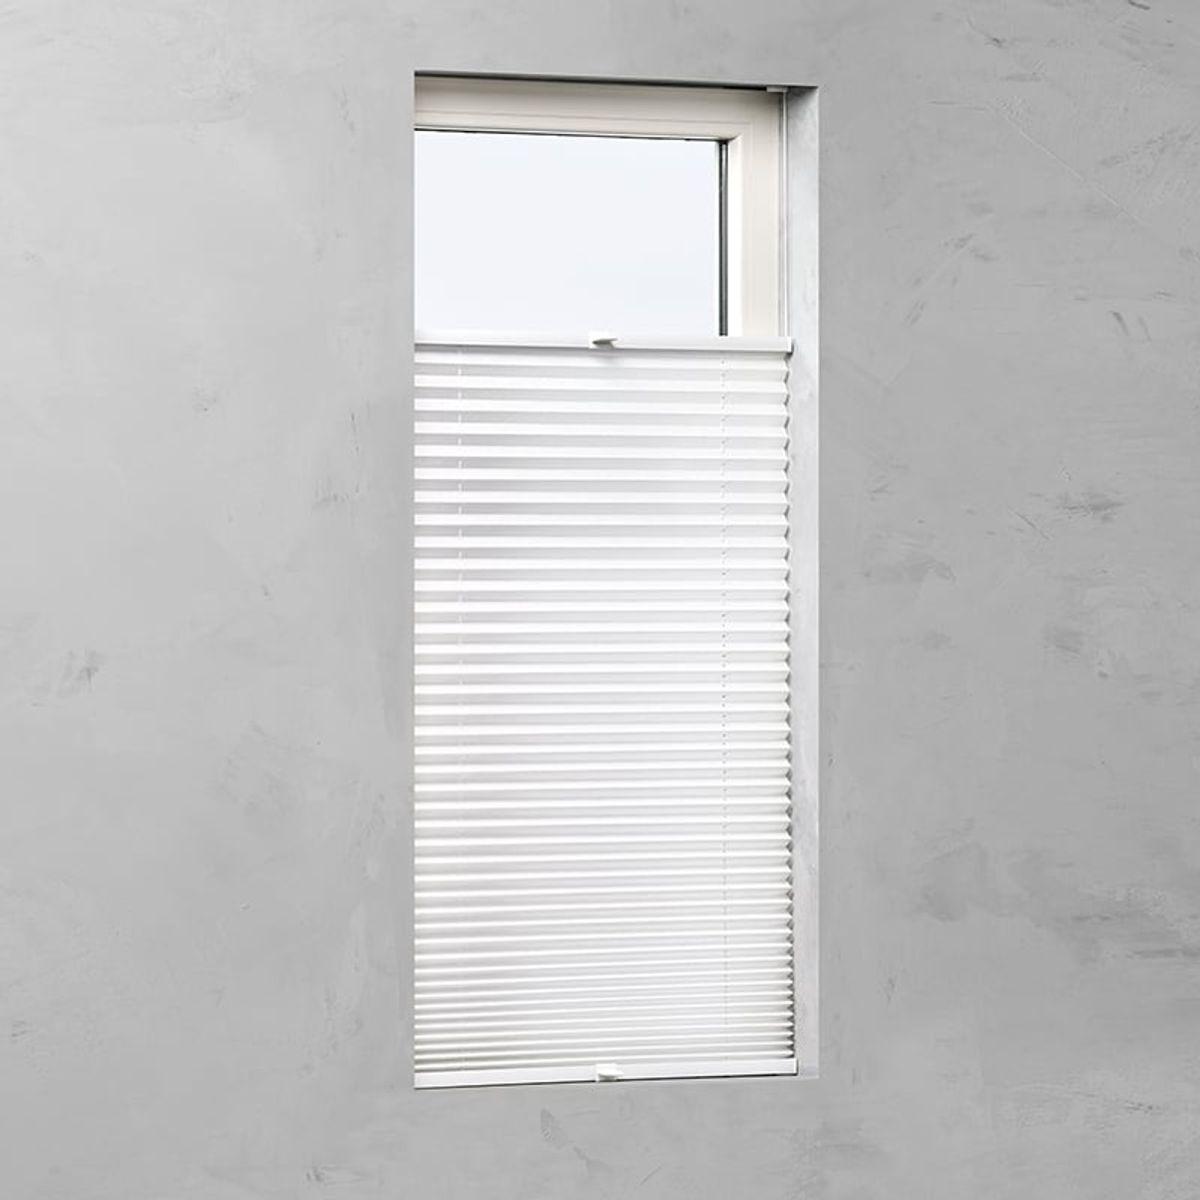 Plisségordijn gespannen - Lichtdoorlatend - Wit - 90cm x 130cm